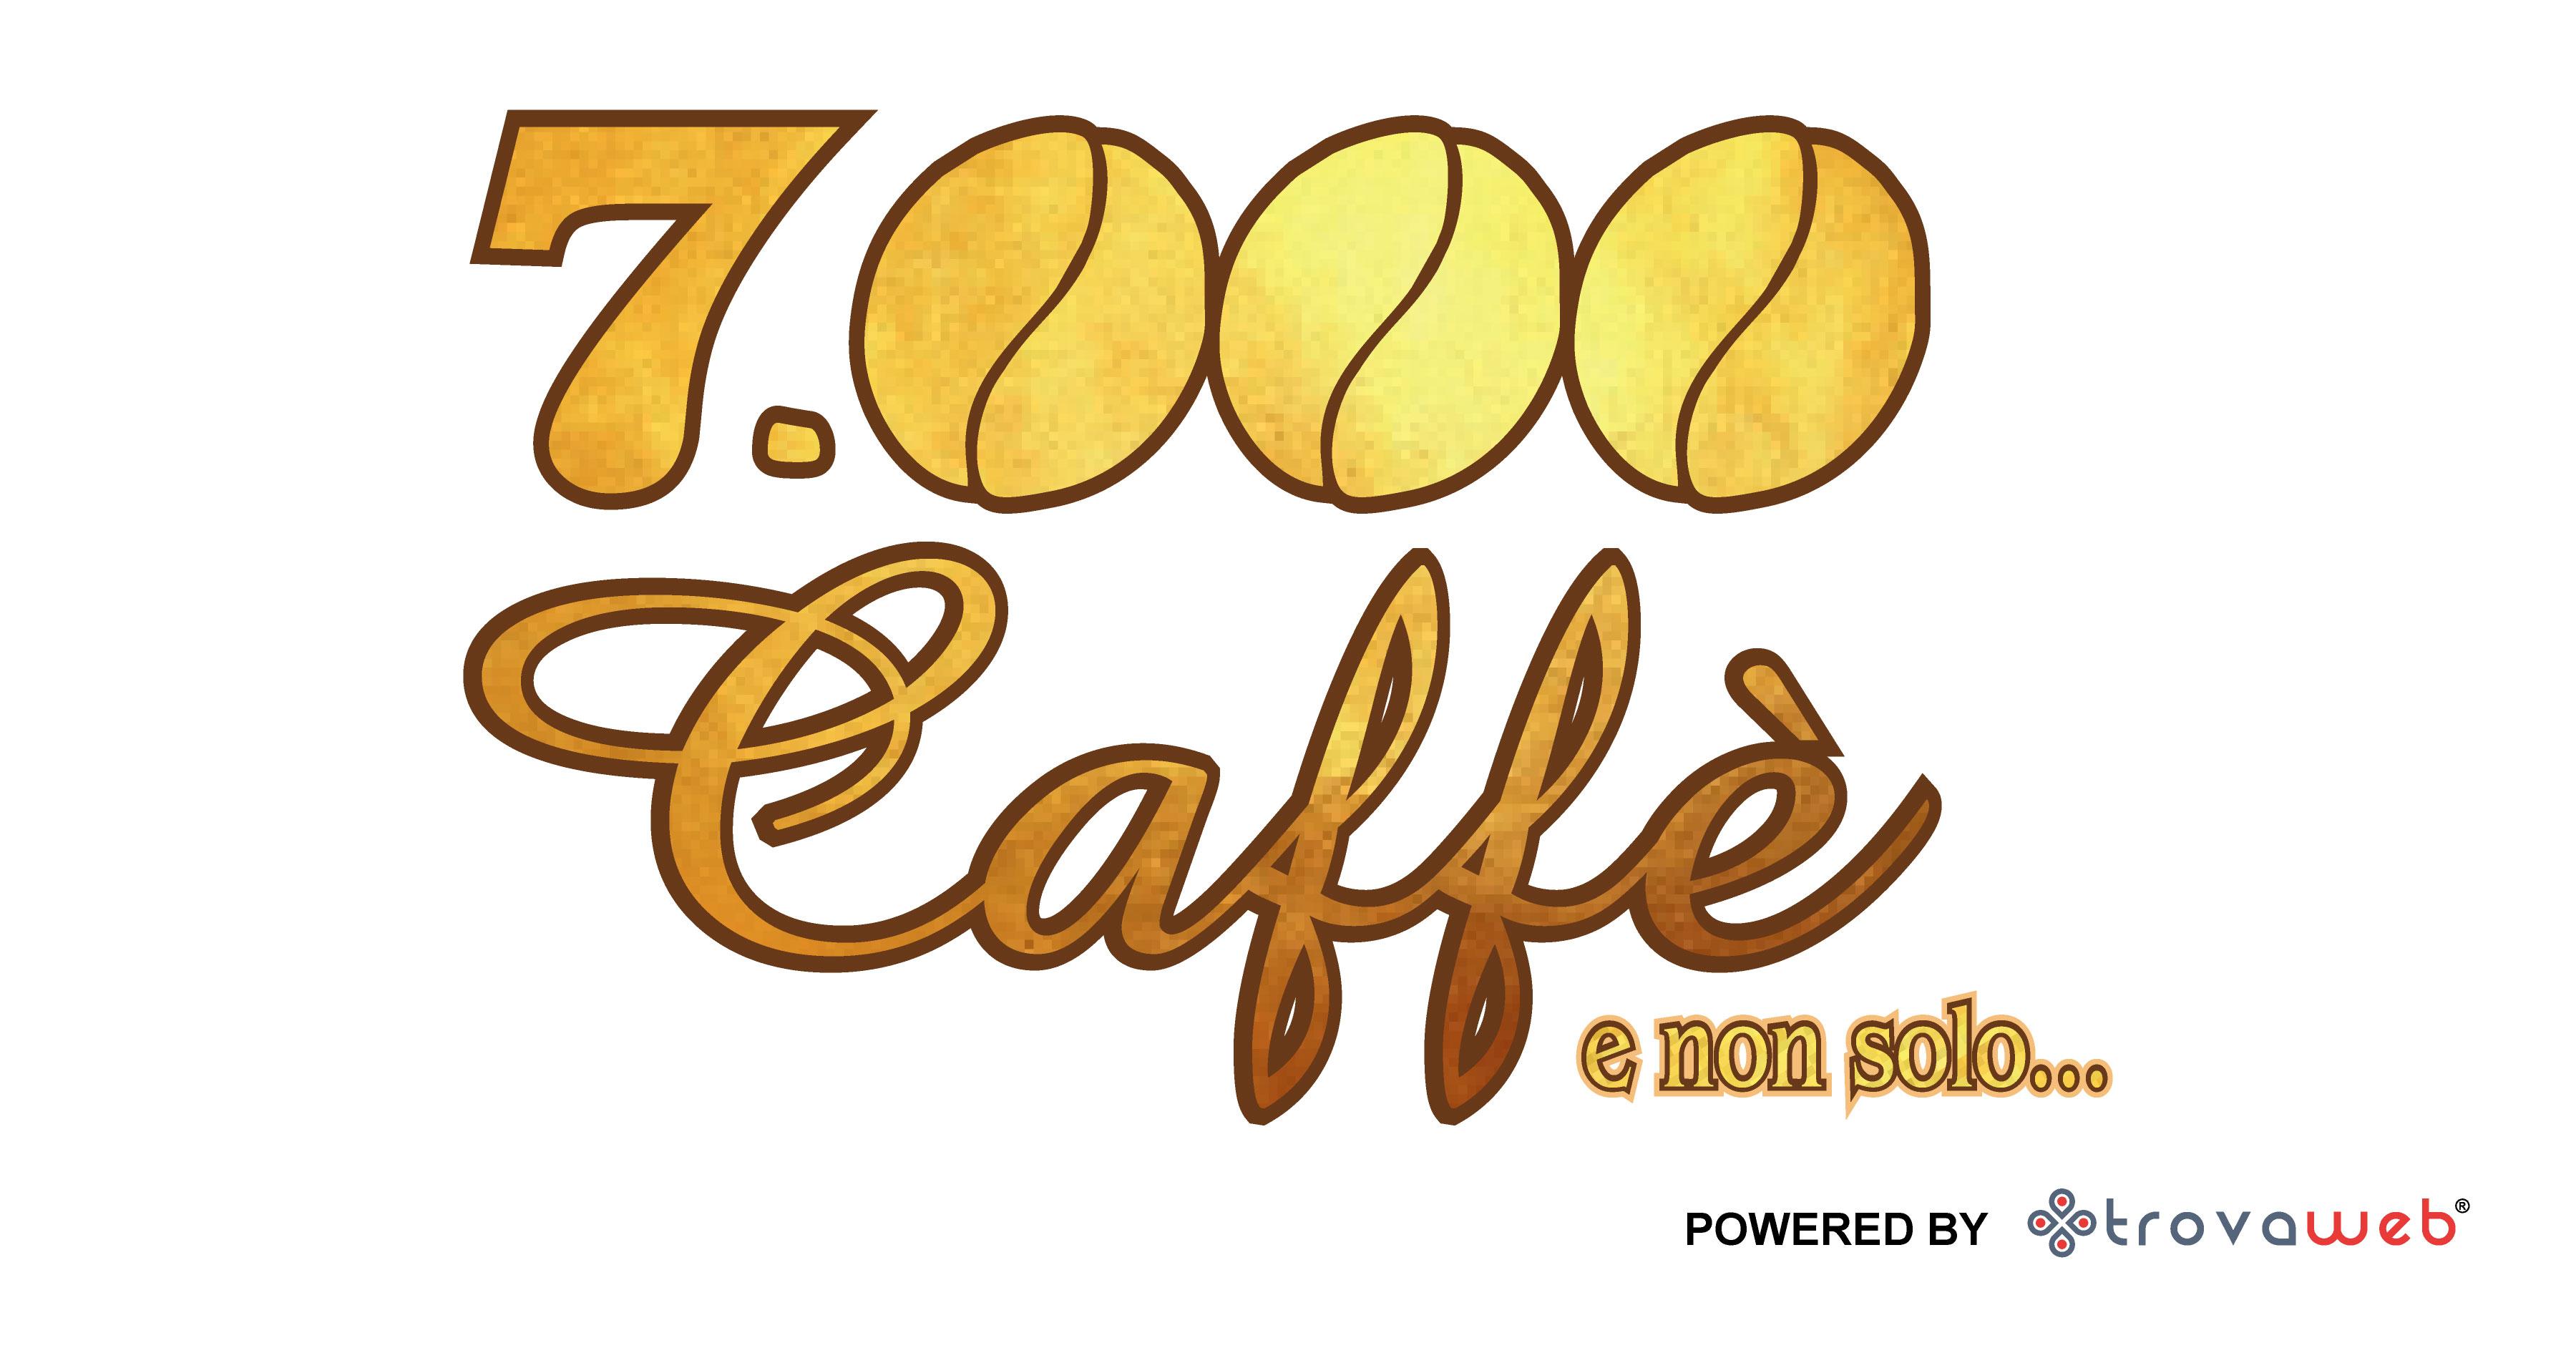 7000的Caffè